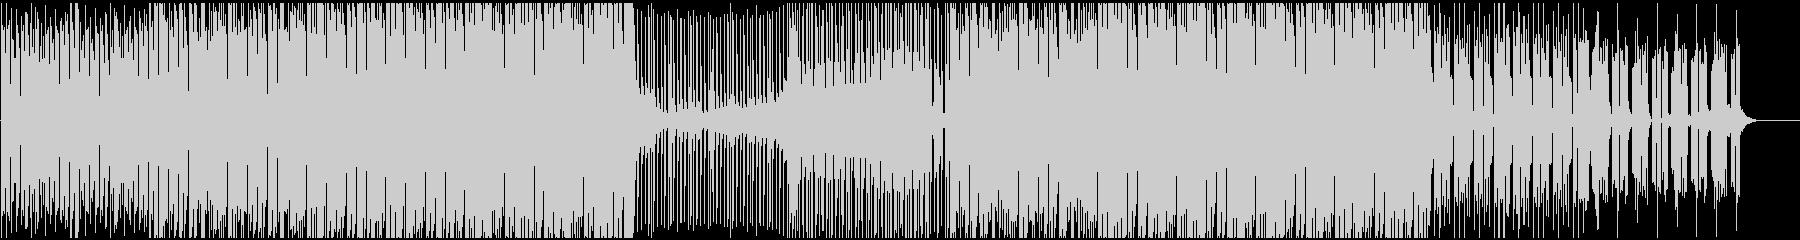 戦闘向けエレクトロ、デジタルロックの未再生の波形